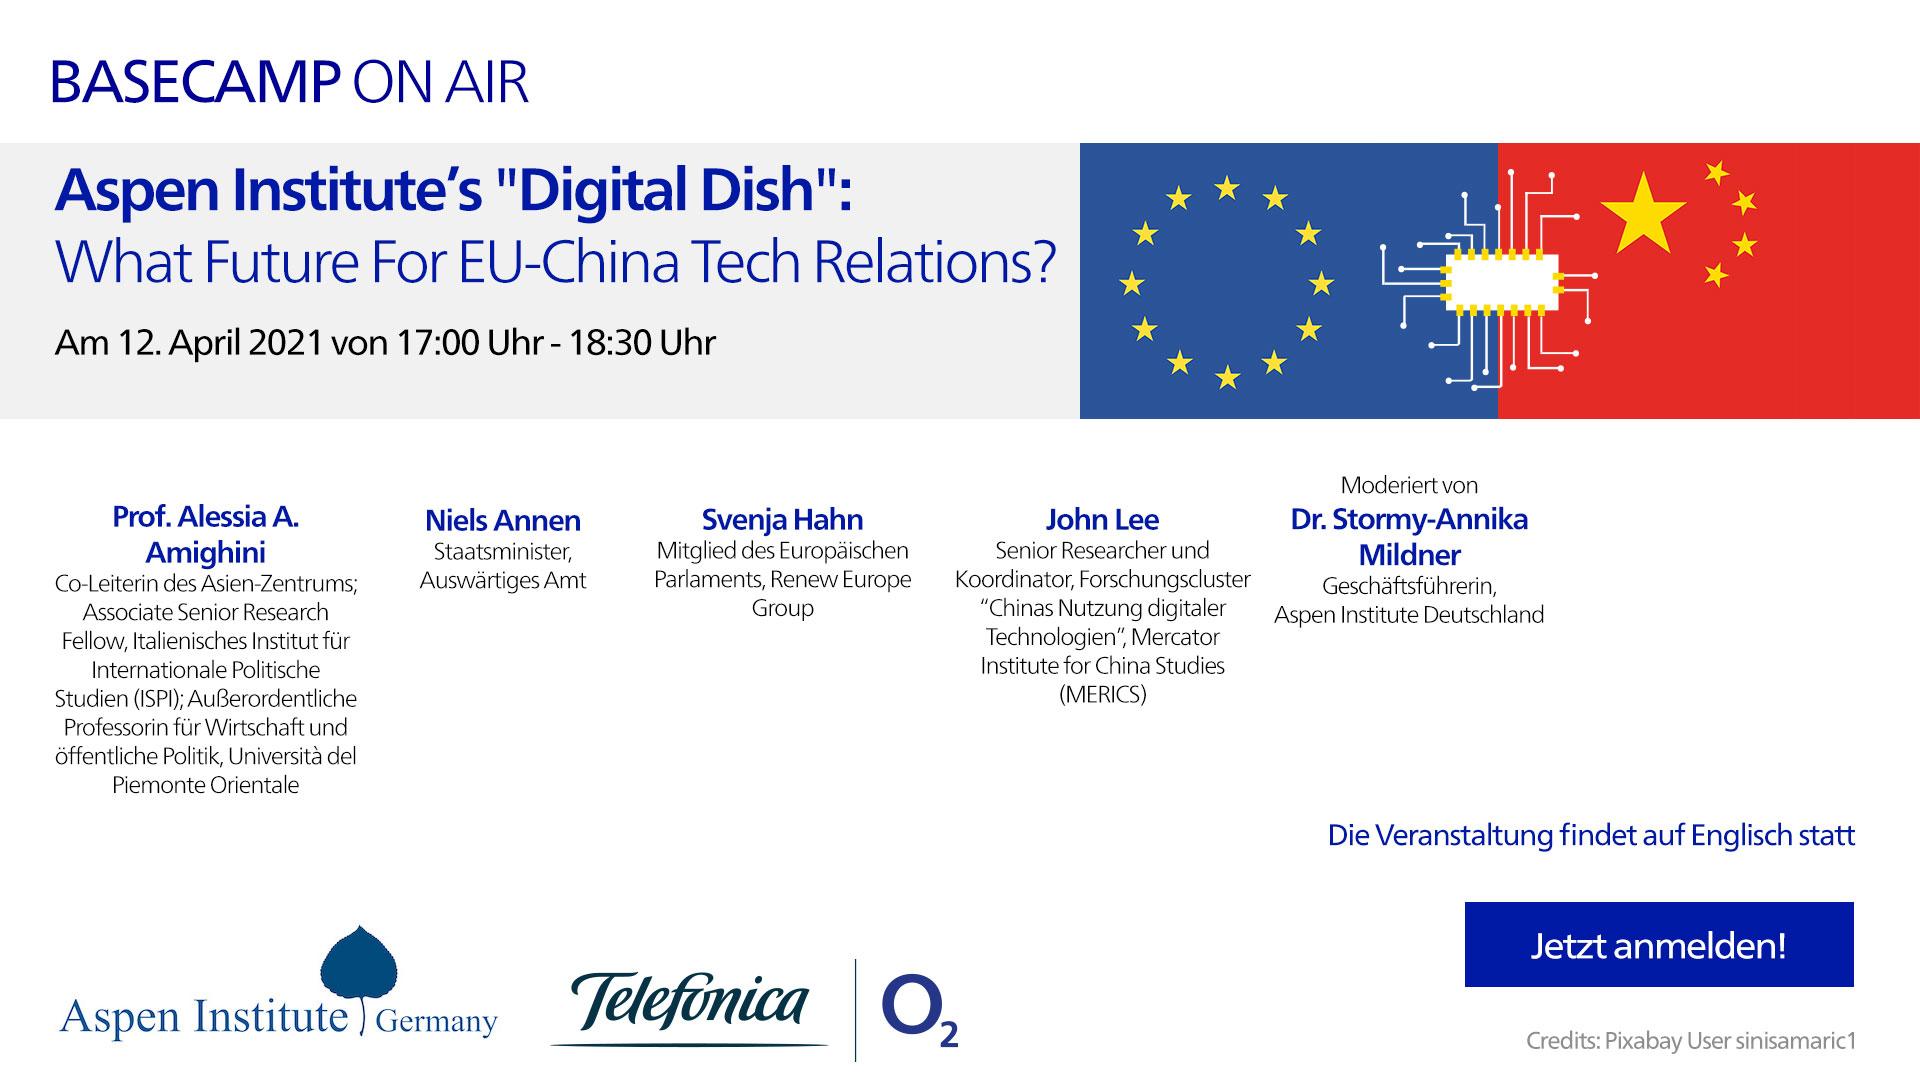 20210412-Aspen-Institute-Digital-Dish-Speaker-1920x1080-Anmelden